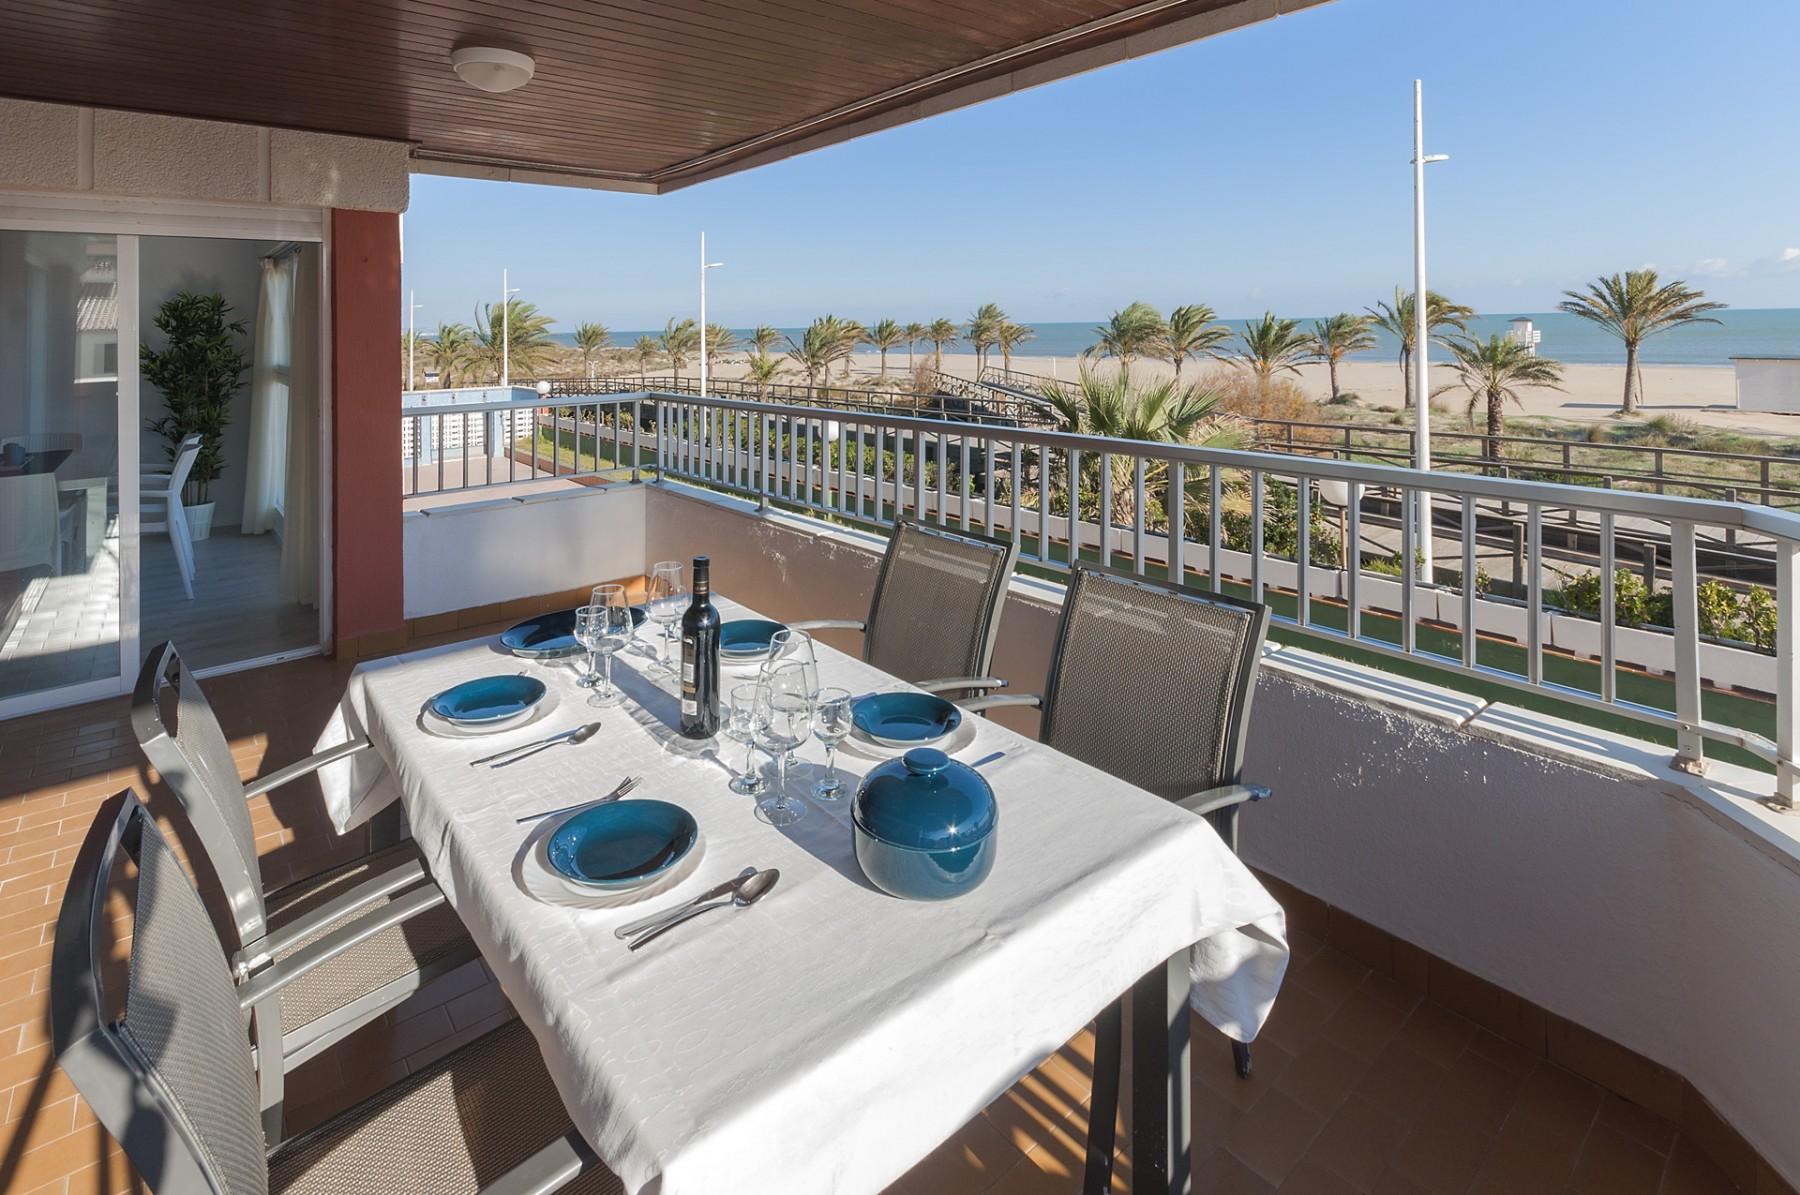 Apartamentos en playa de gand a 16 ag bahamas 1 premium - Apartamentos en gandia playa ...